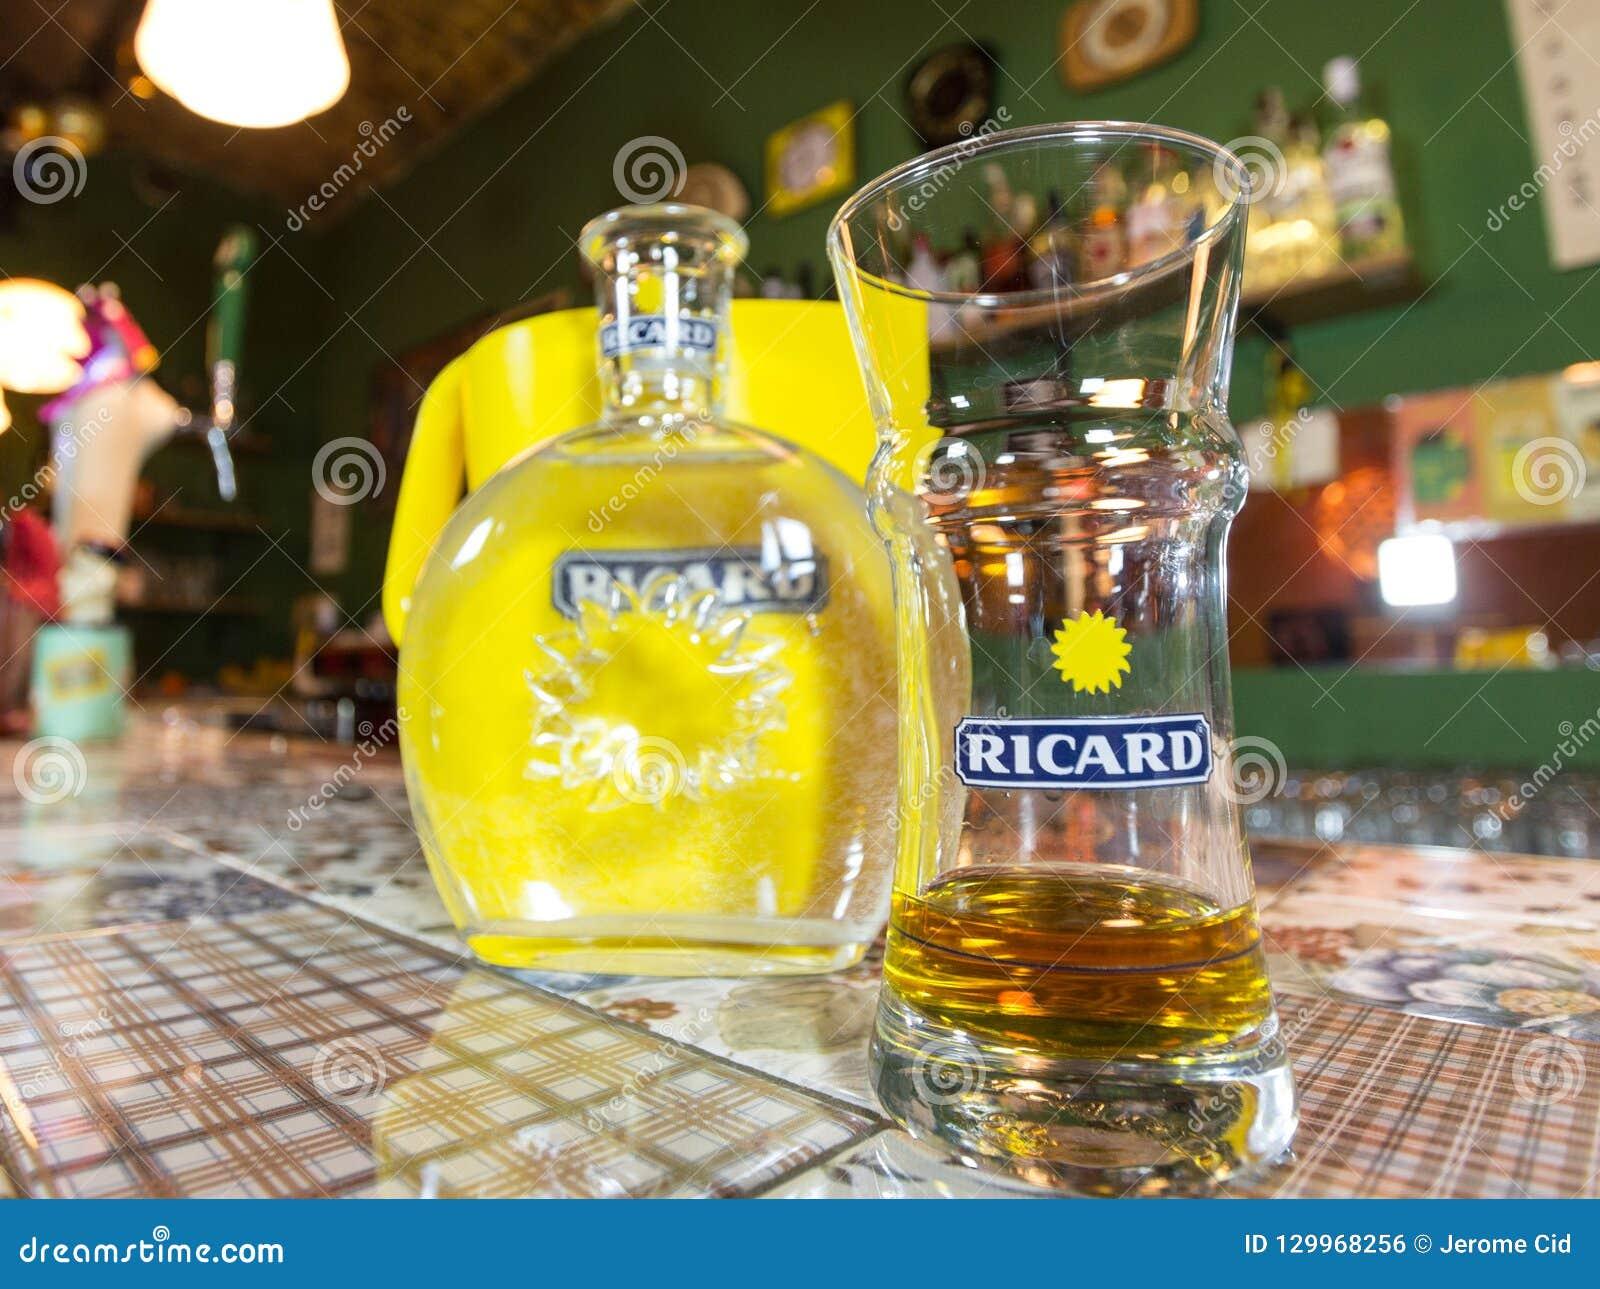 Fin sur d une cruche de Ricard et d une bouteille d eau avec son logo Ricard est des pastis, un anis et apéritif aromatisé par ré